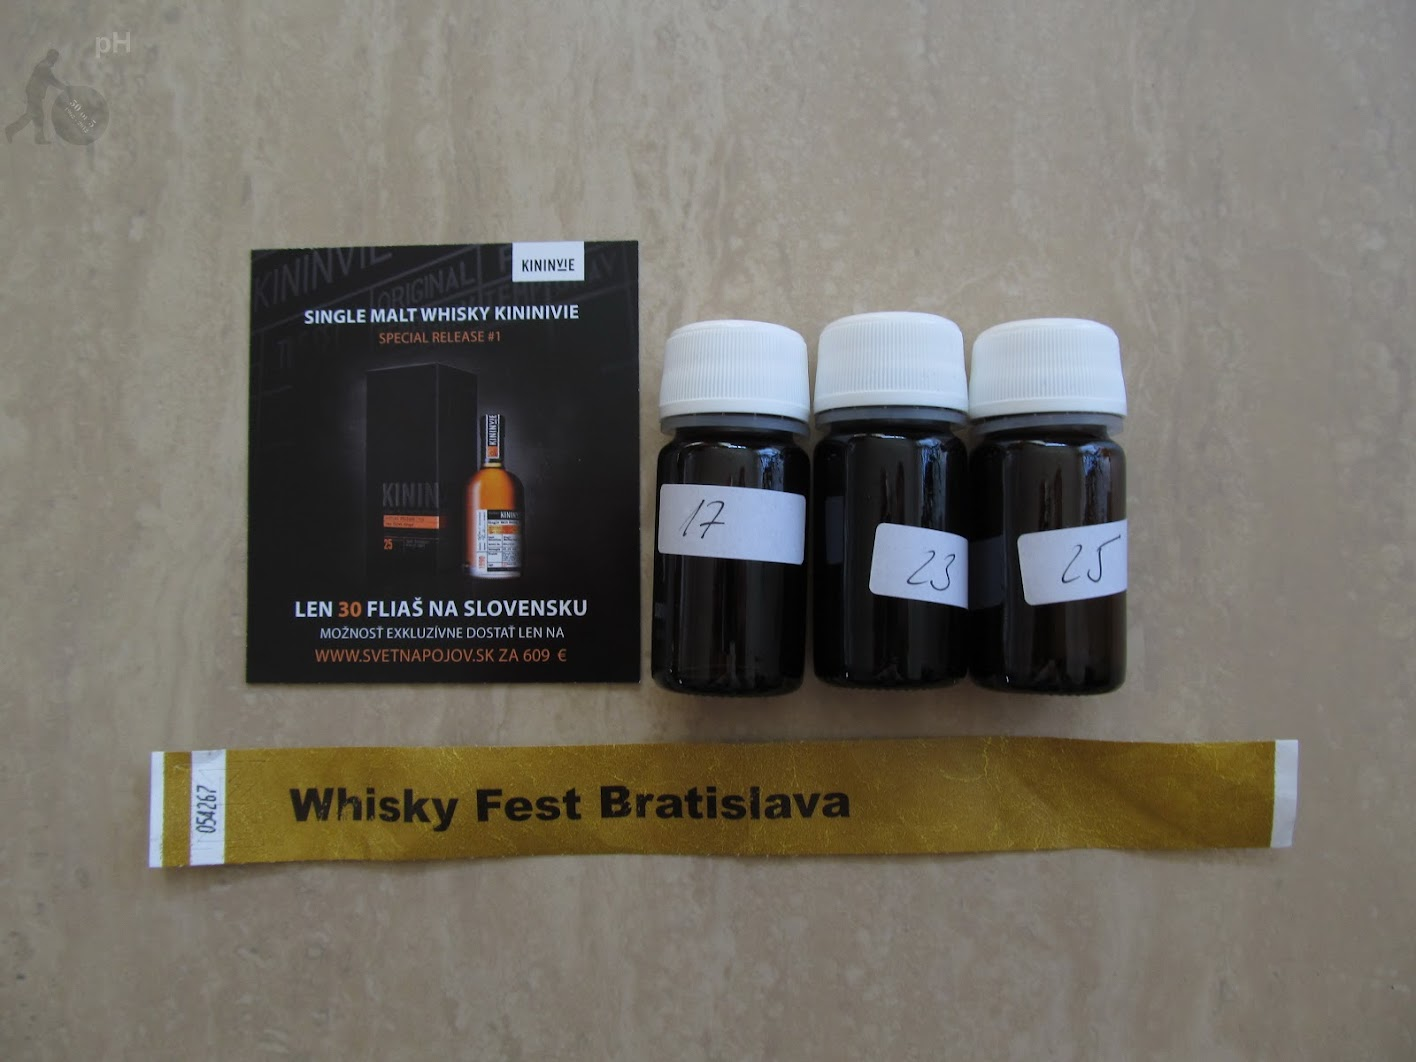 Kininvie samples